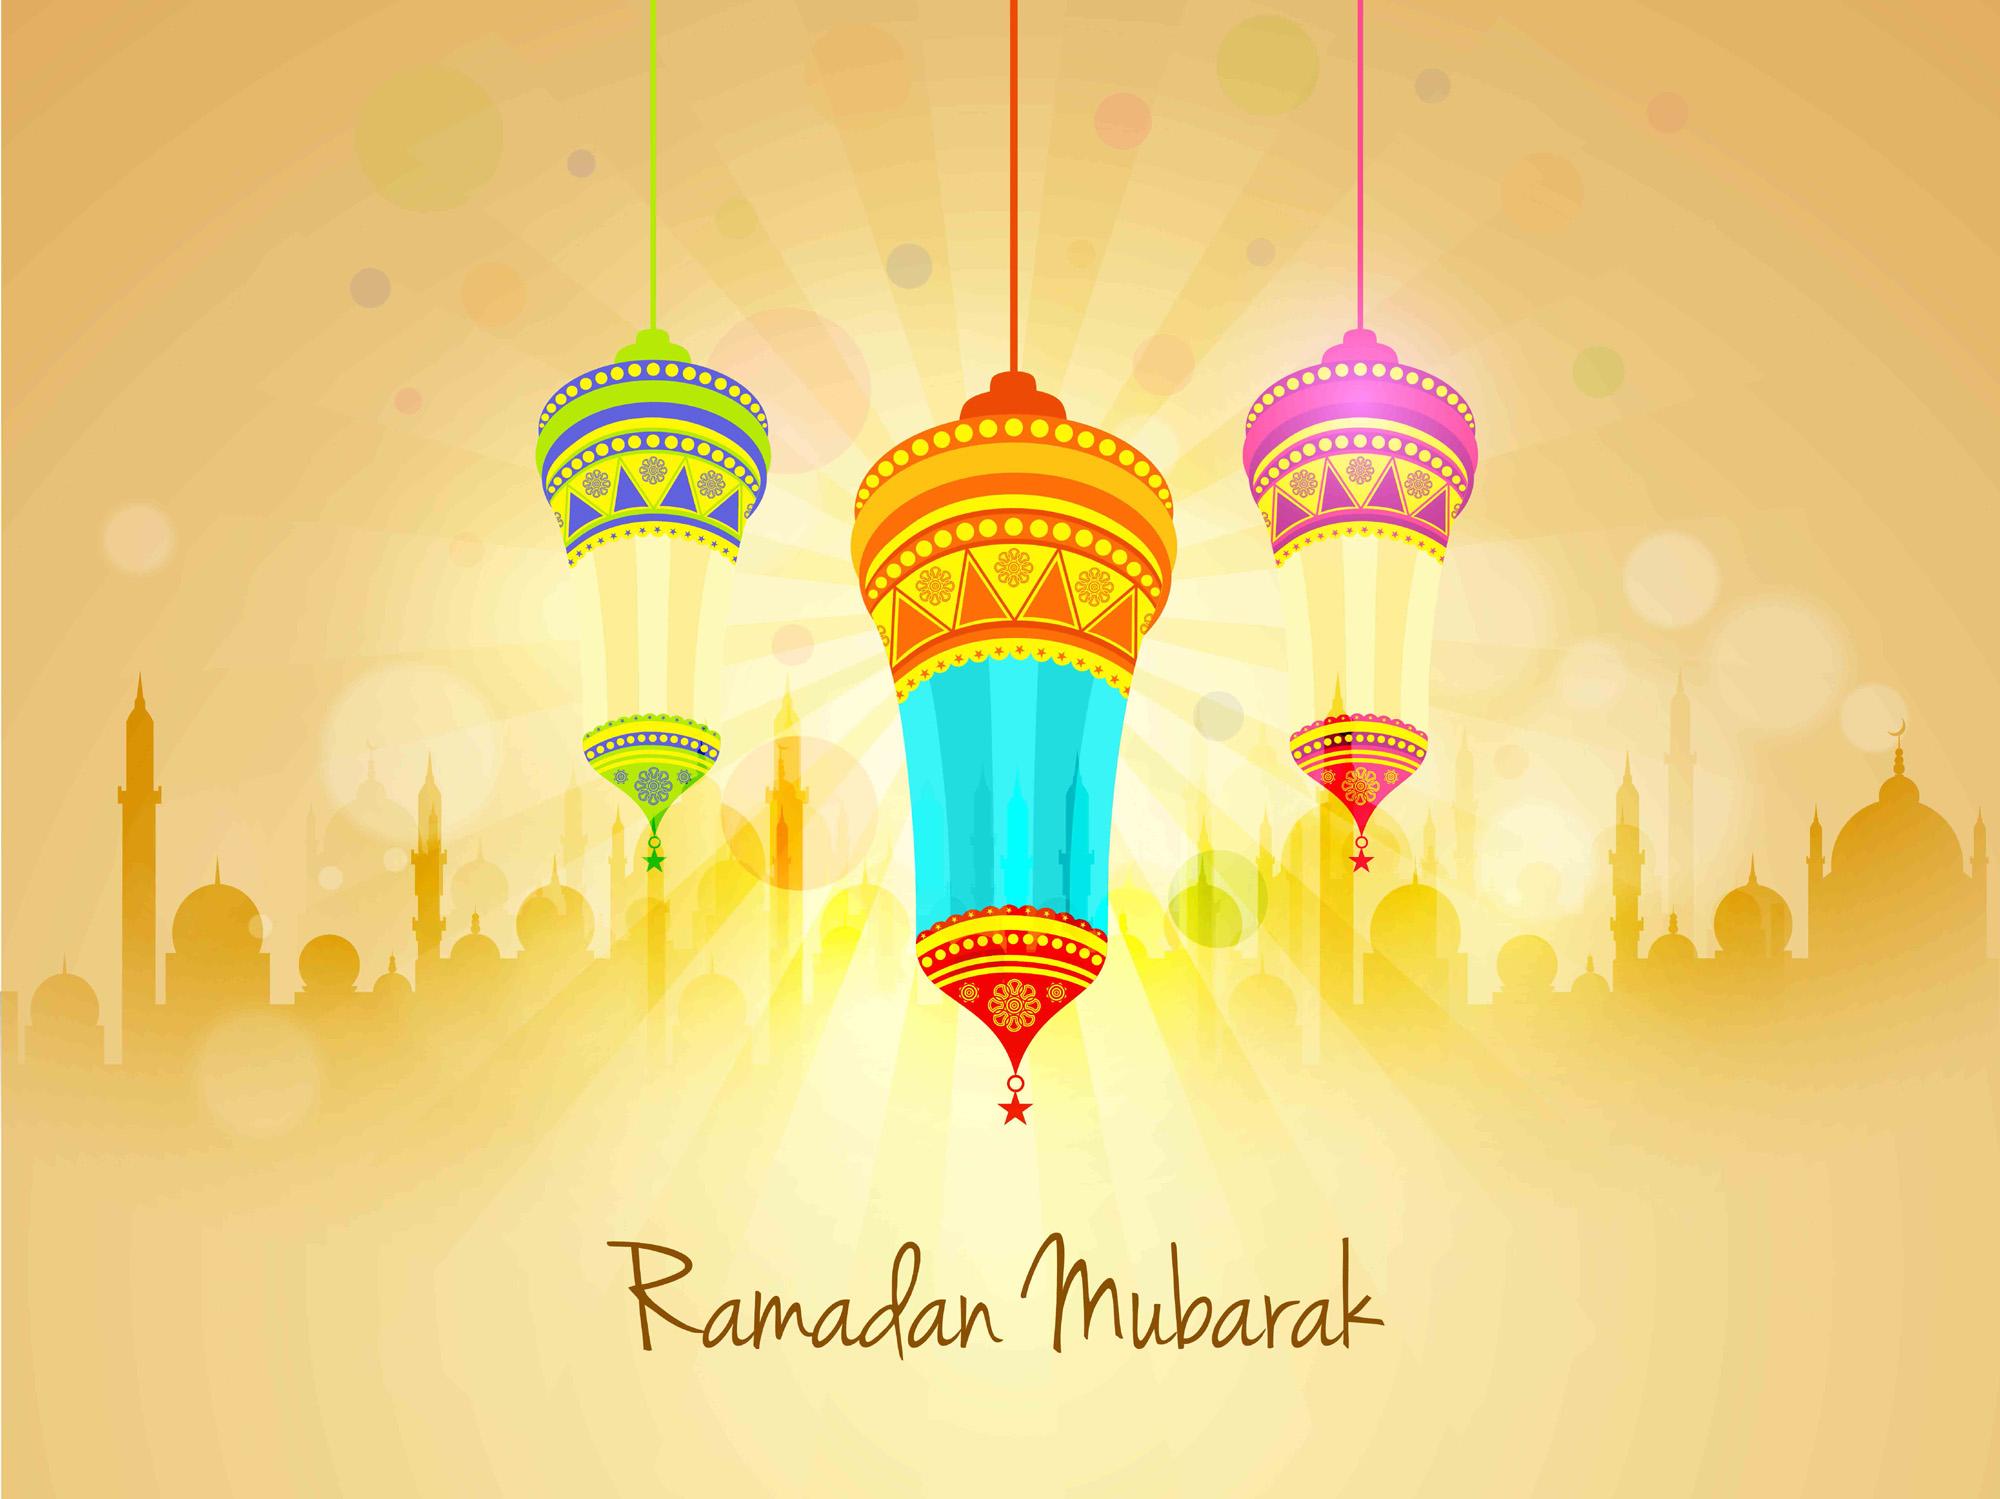 صورة خلفيات عن رمضان , خلفيات شهر رمضان